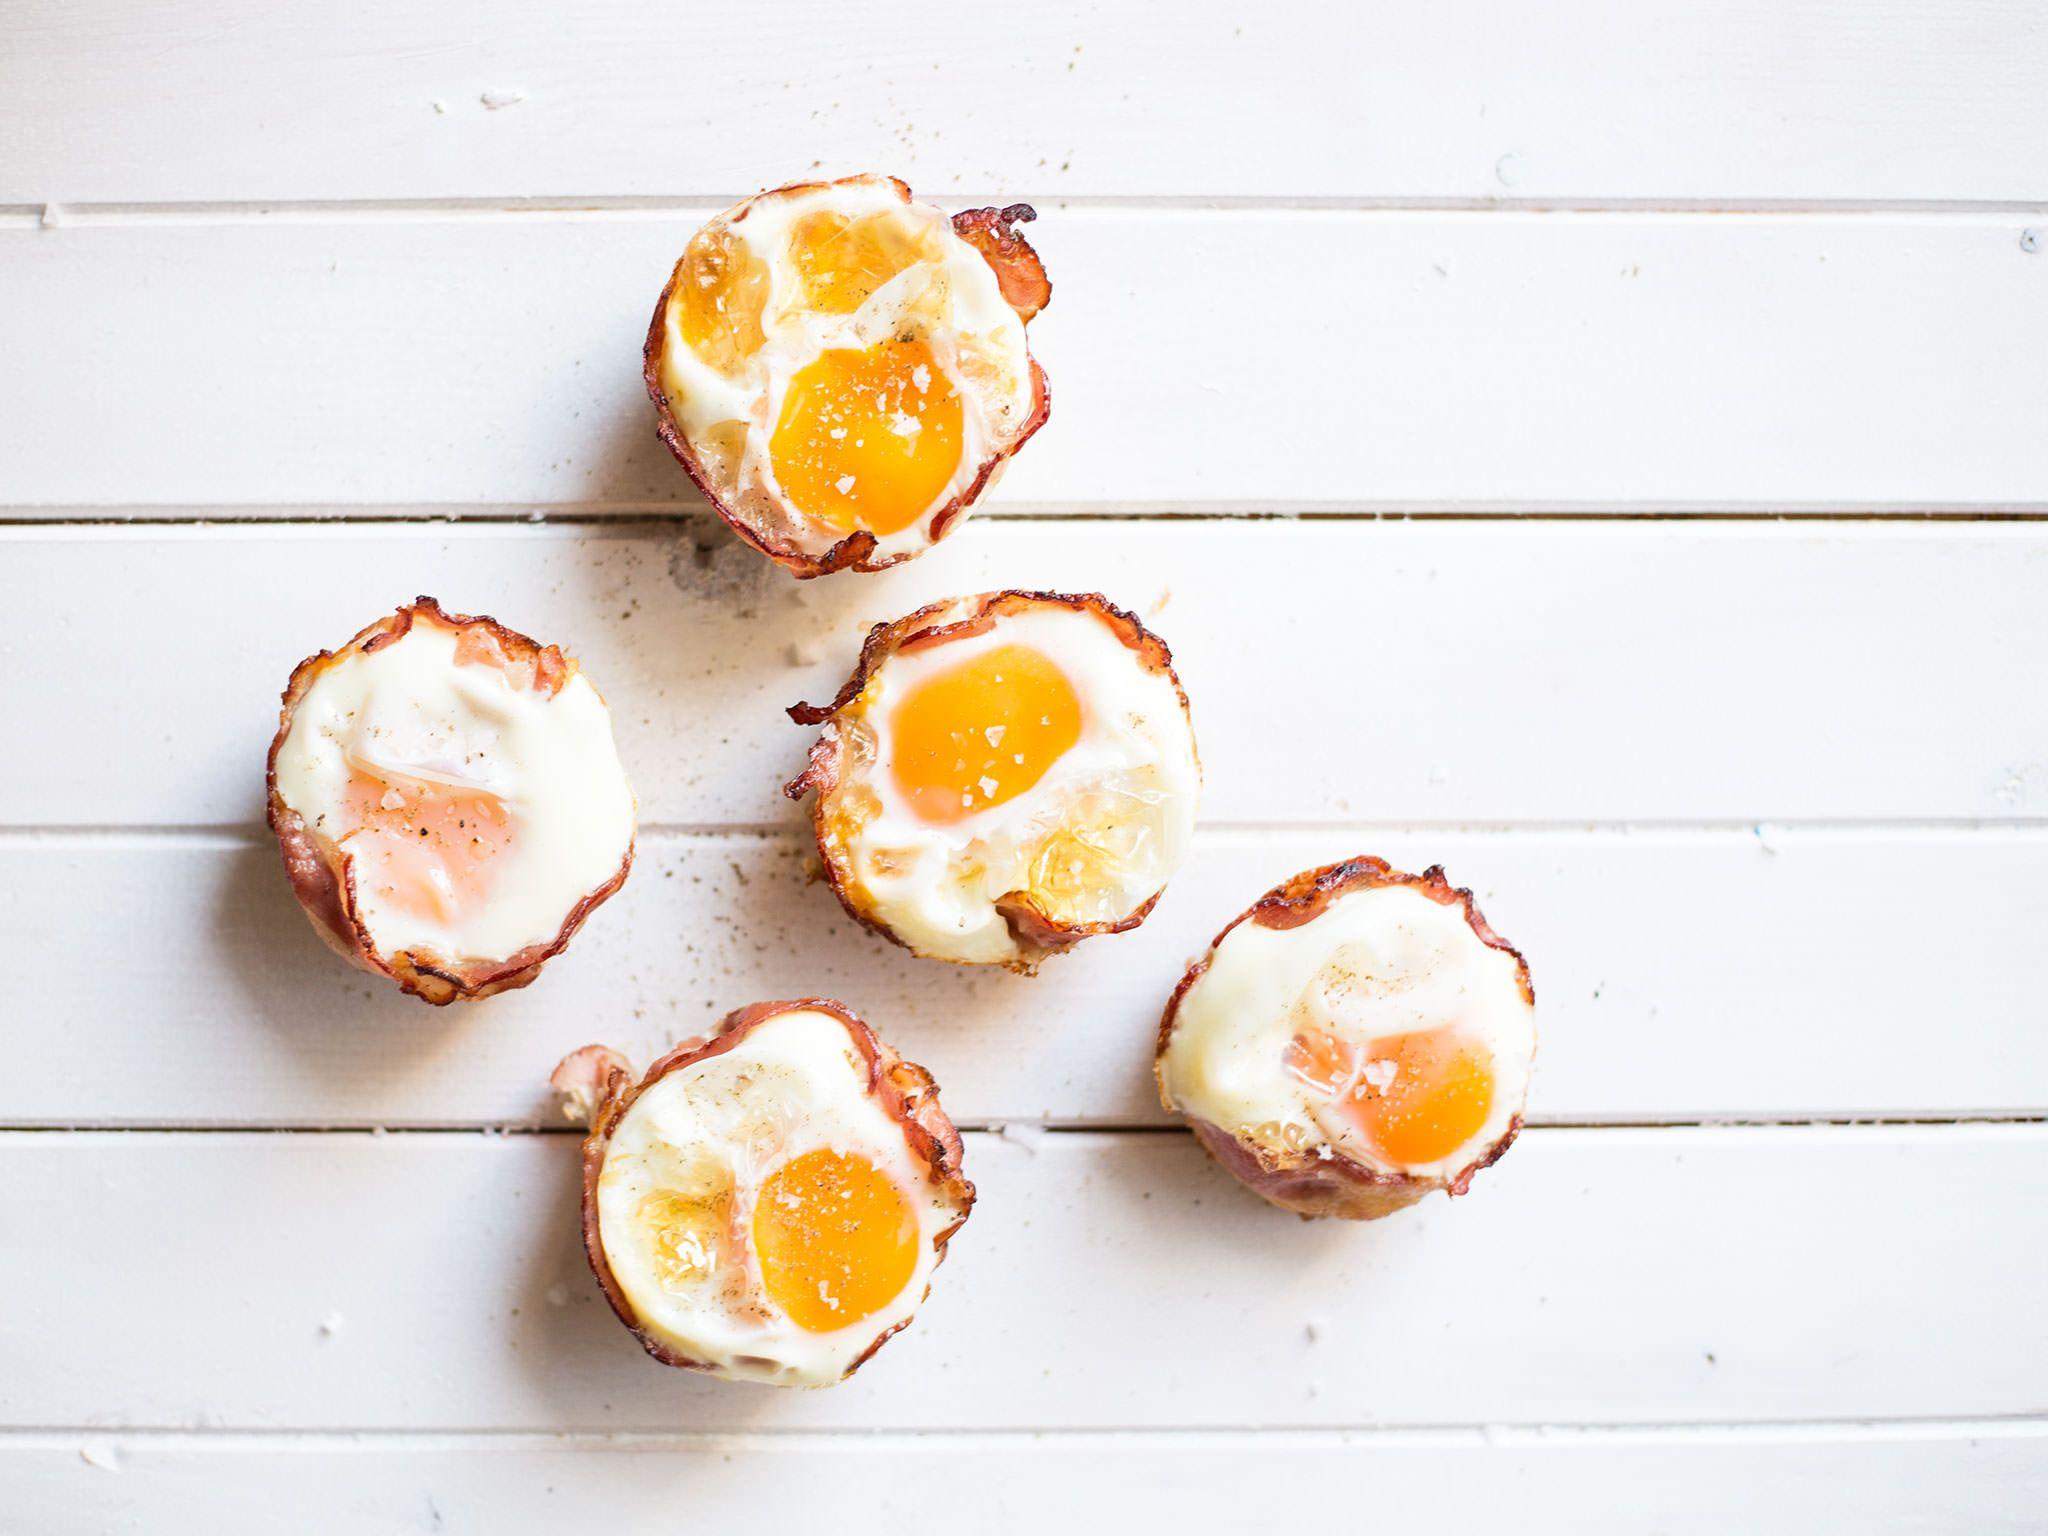 Pikante Eier-Muffins mit knusprigem Speck: Rezept | Kitchen Stories